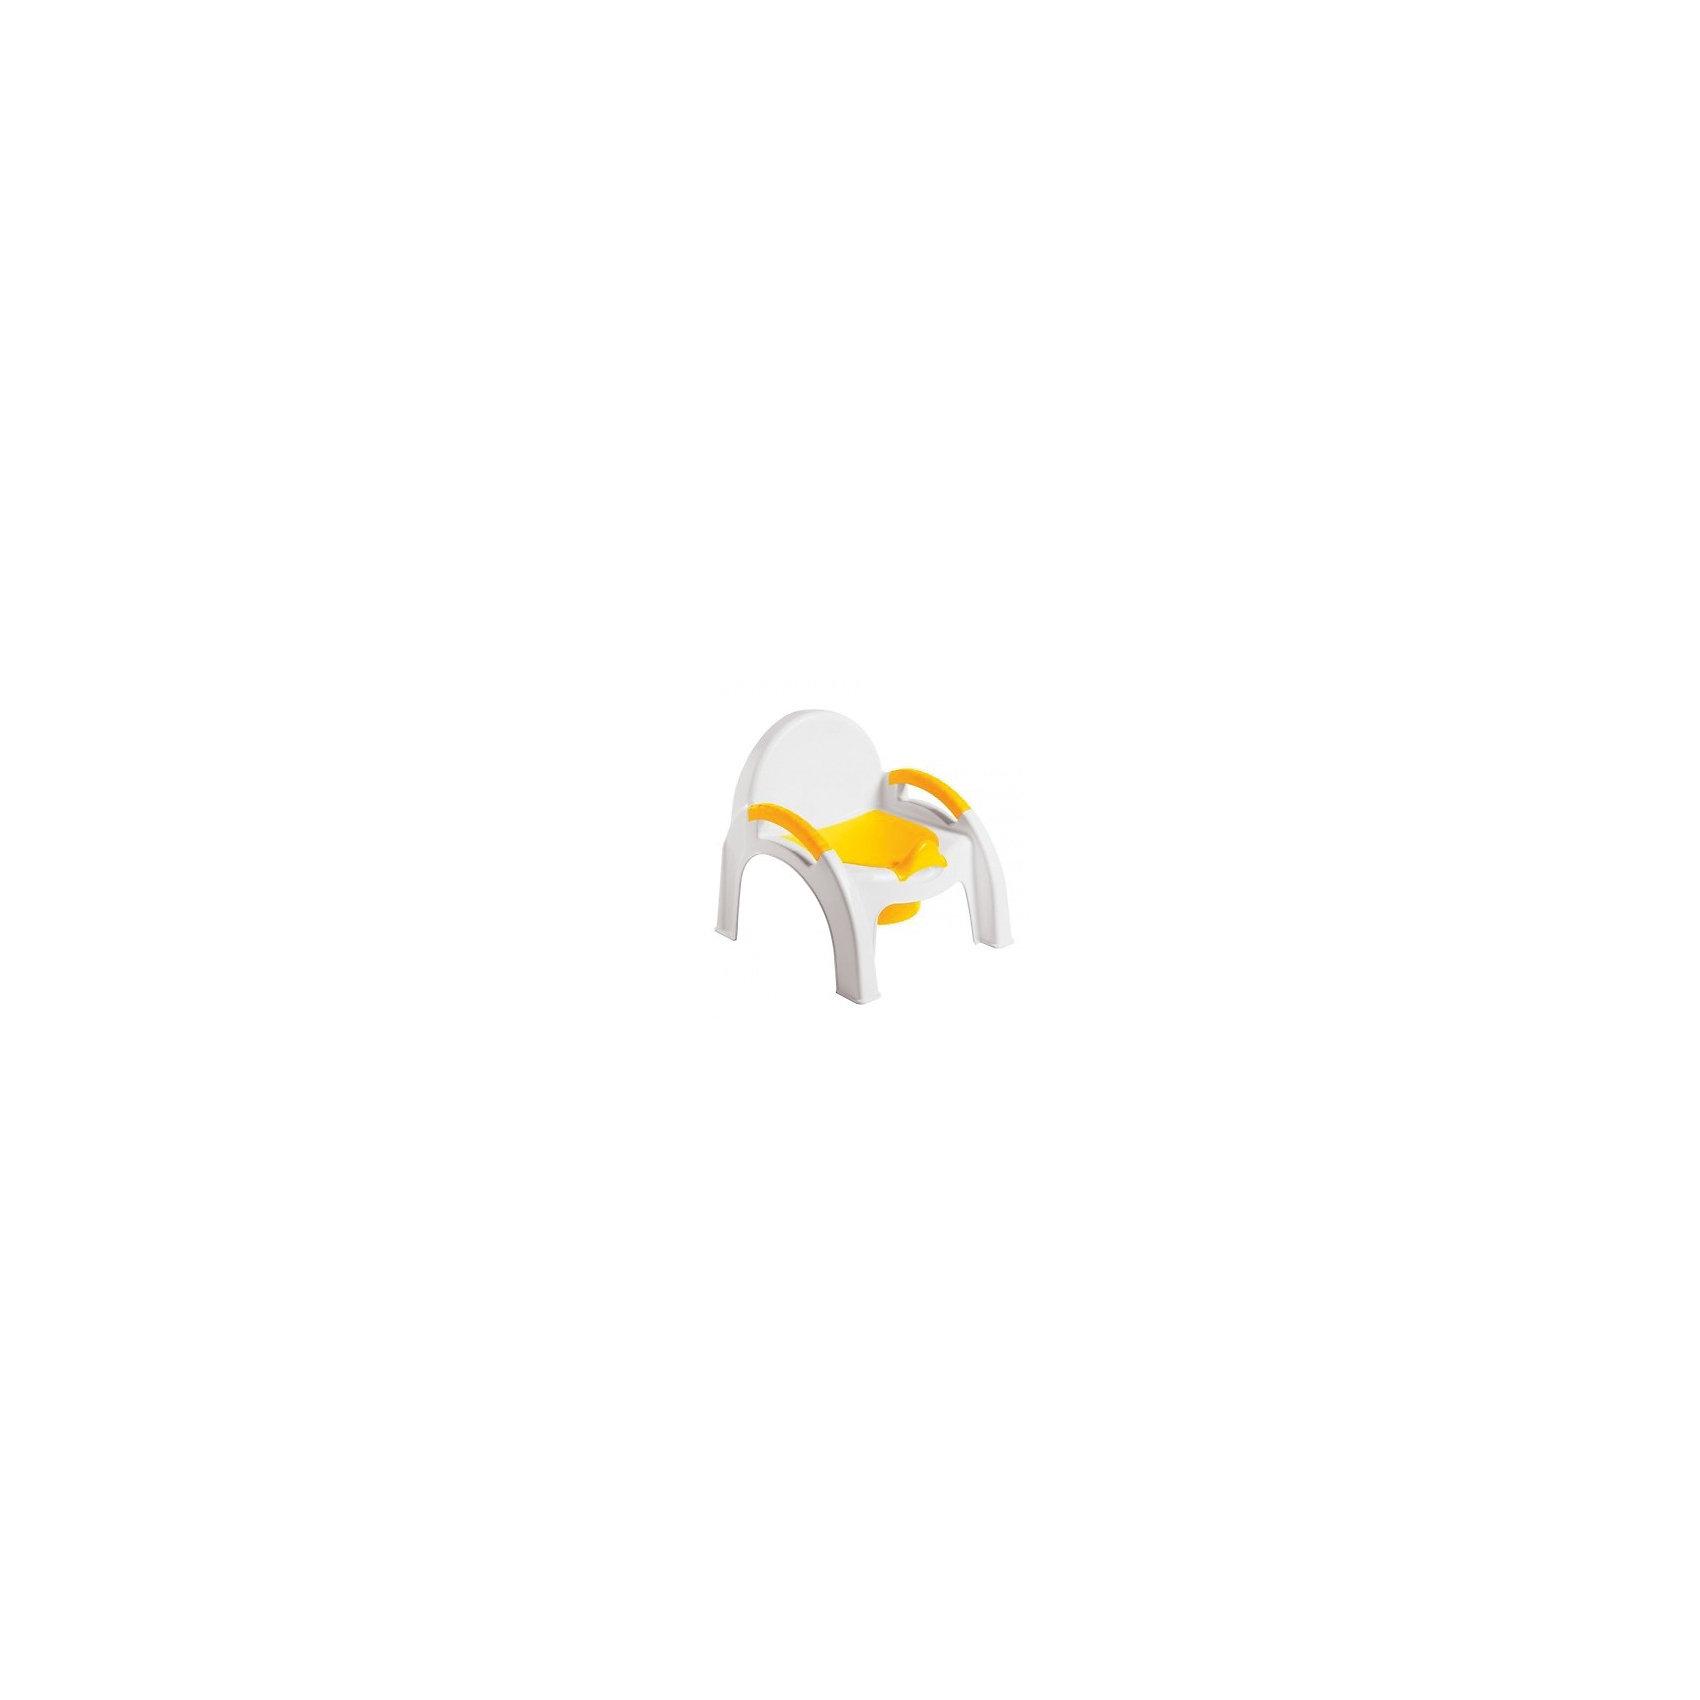 Горшок- Стульчик Пластишка, желтый